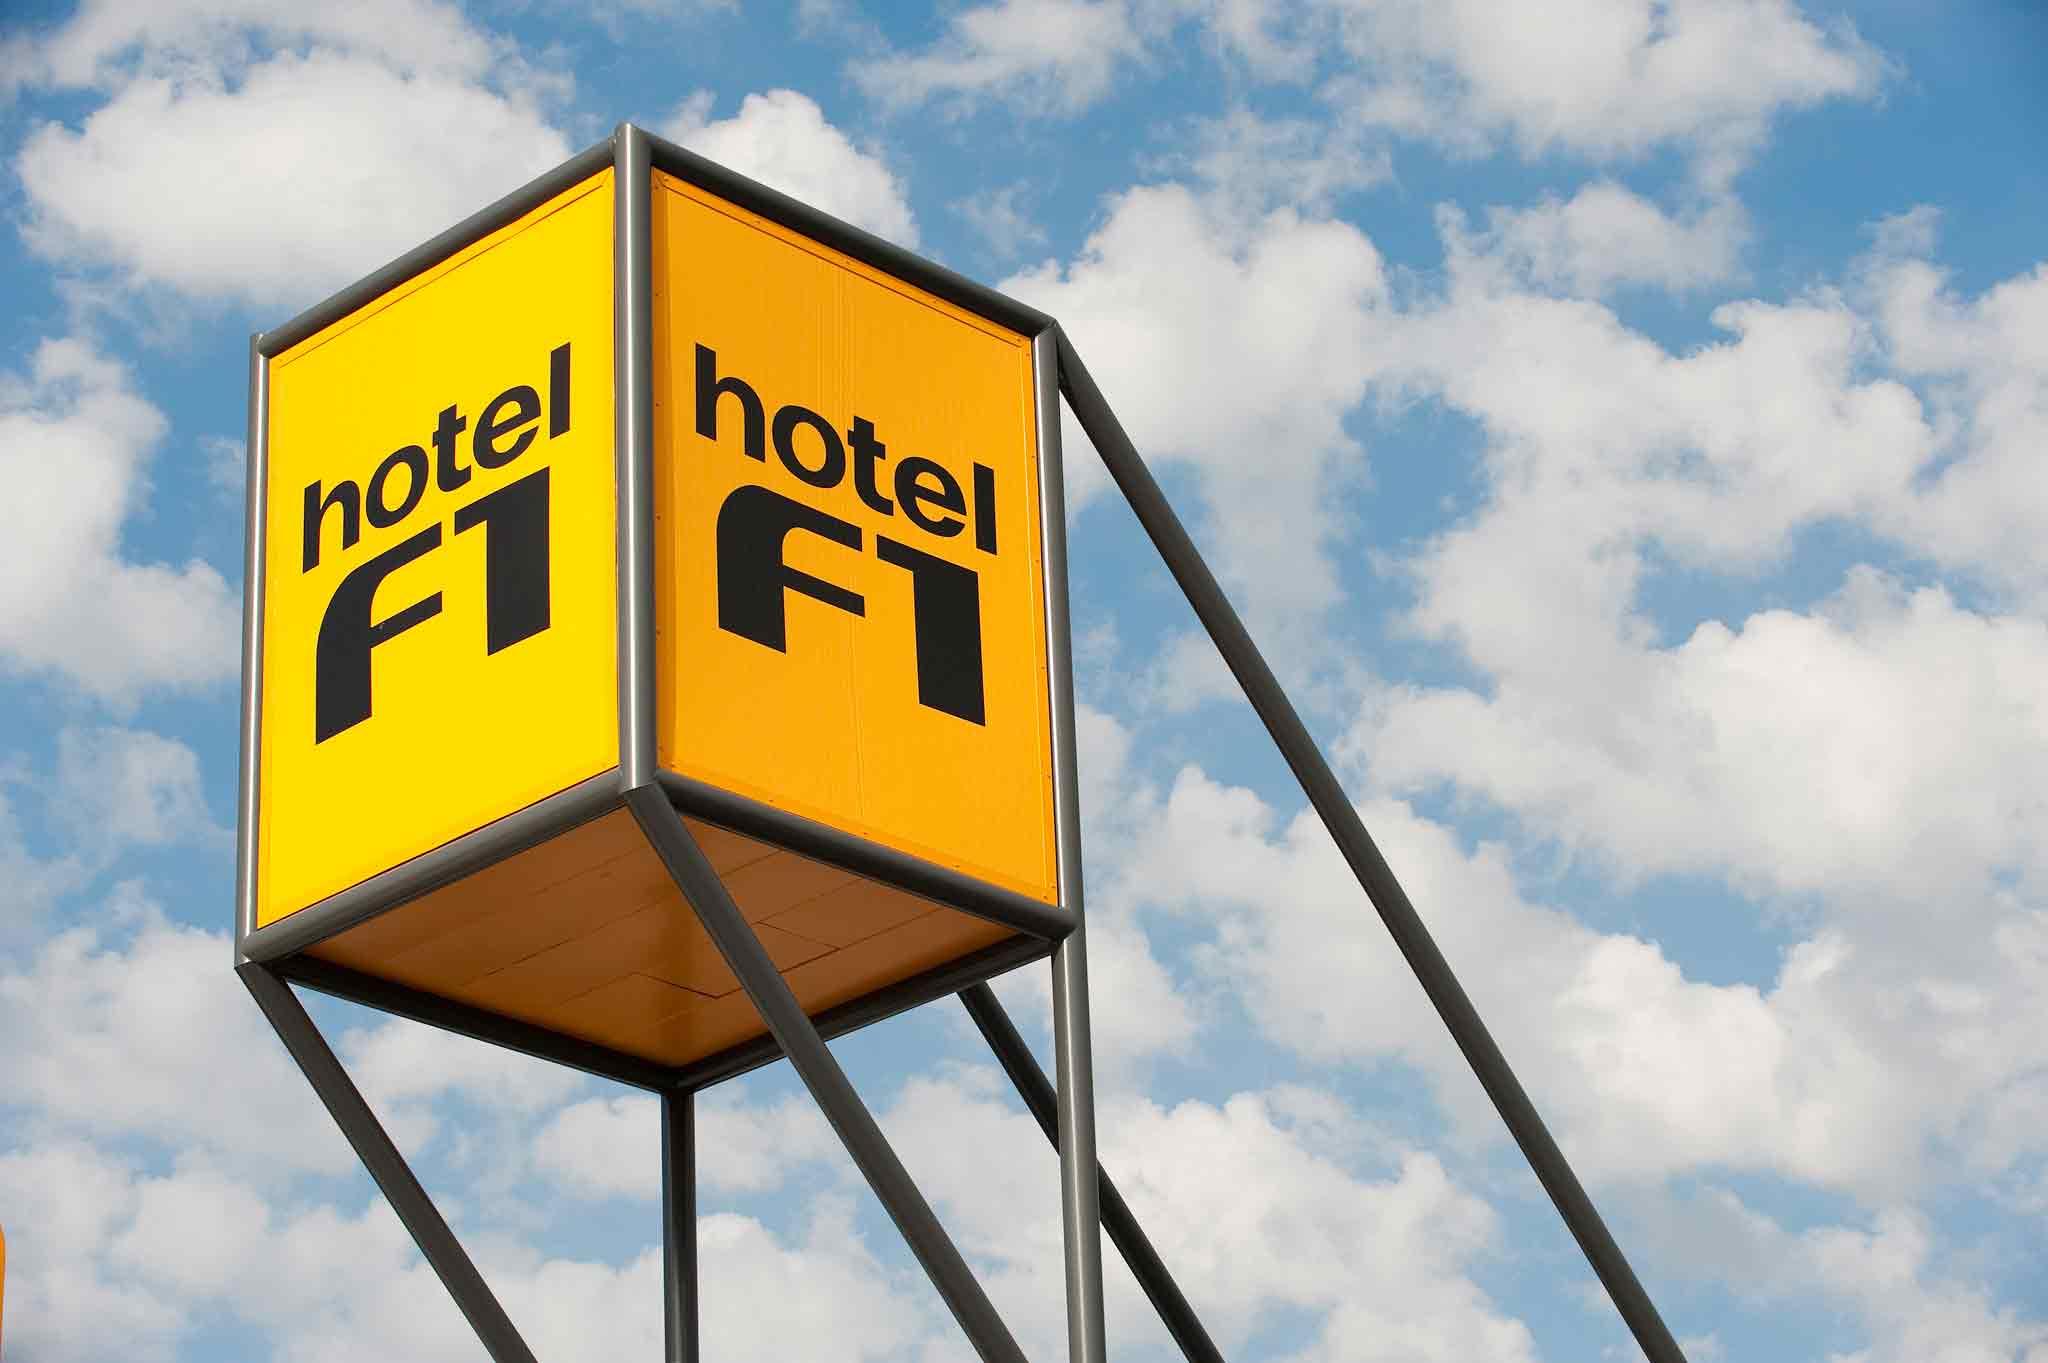 Hotell – hotelF1 Villeparisis